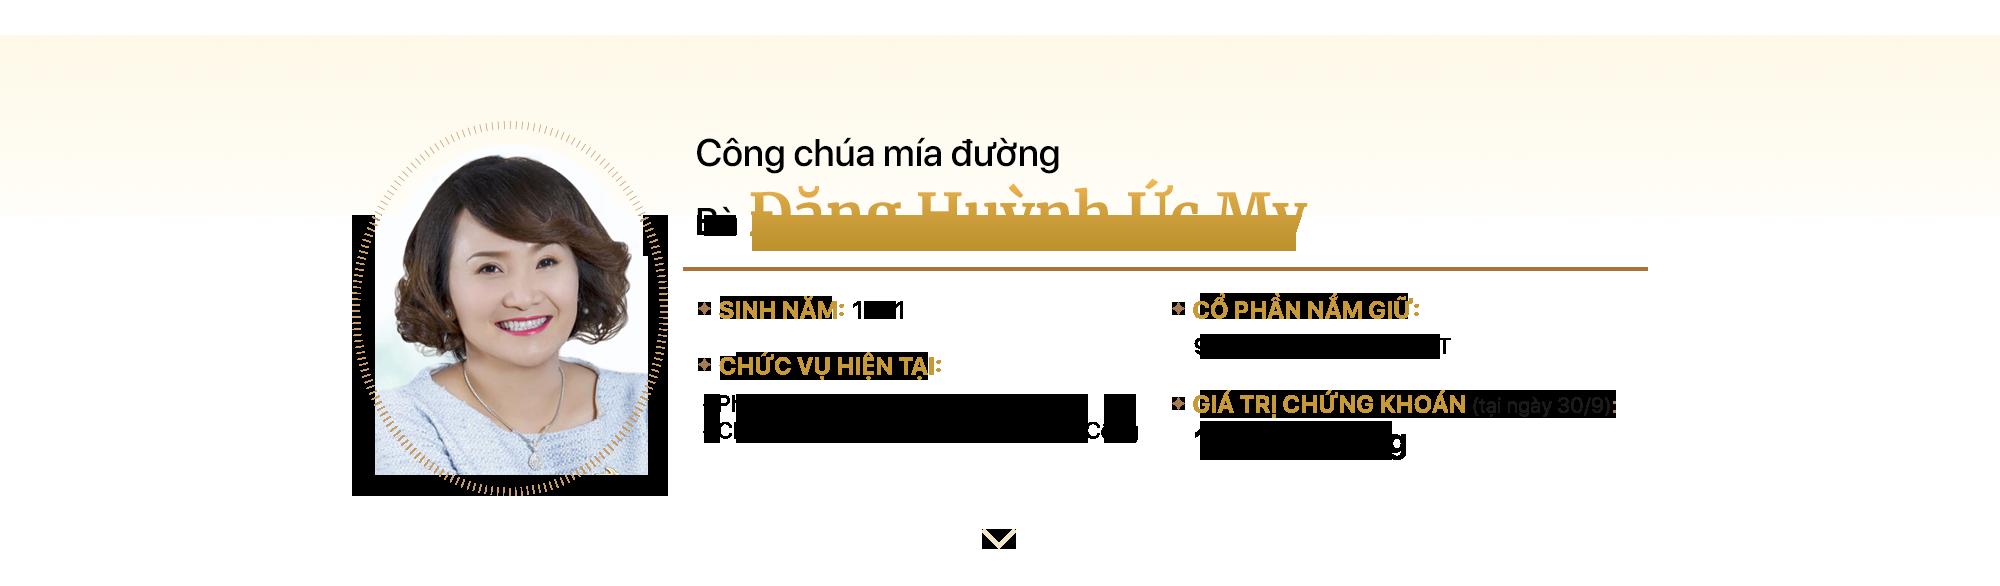 TOP10 NỮ DOANH NHÂN SỞ HỮU HÀNG TRIỆU USD CỔ PHIẾU TRÊN TTCK VIỆT NAM - Ảnh 9.